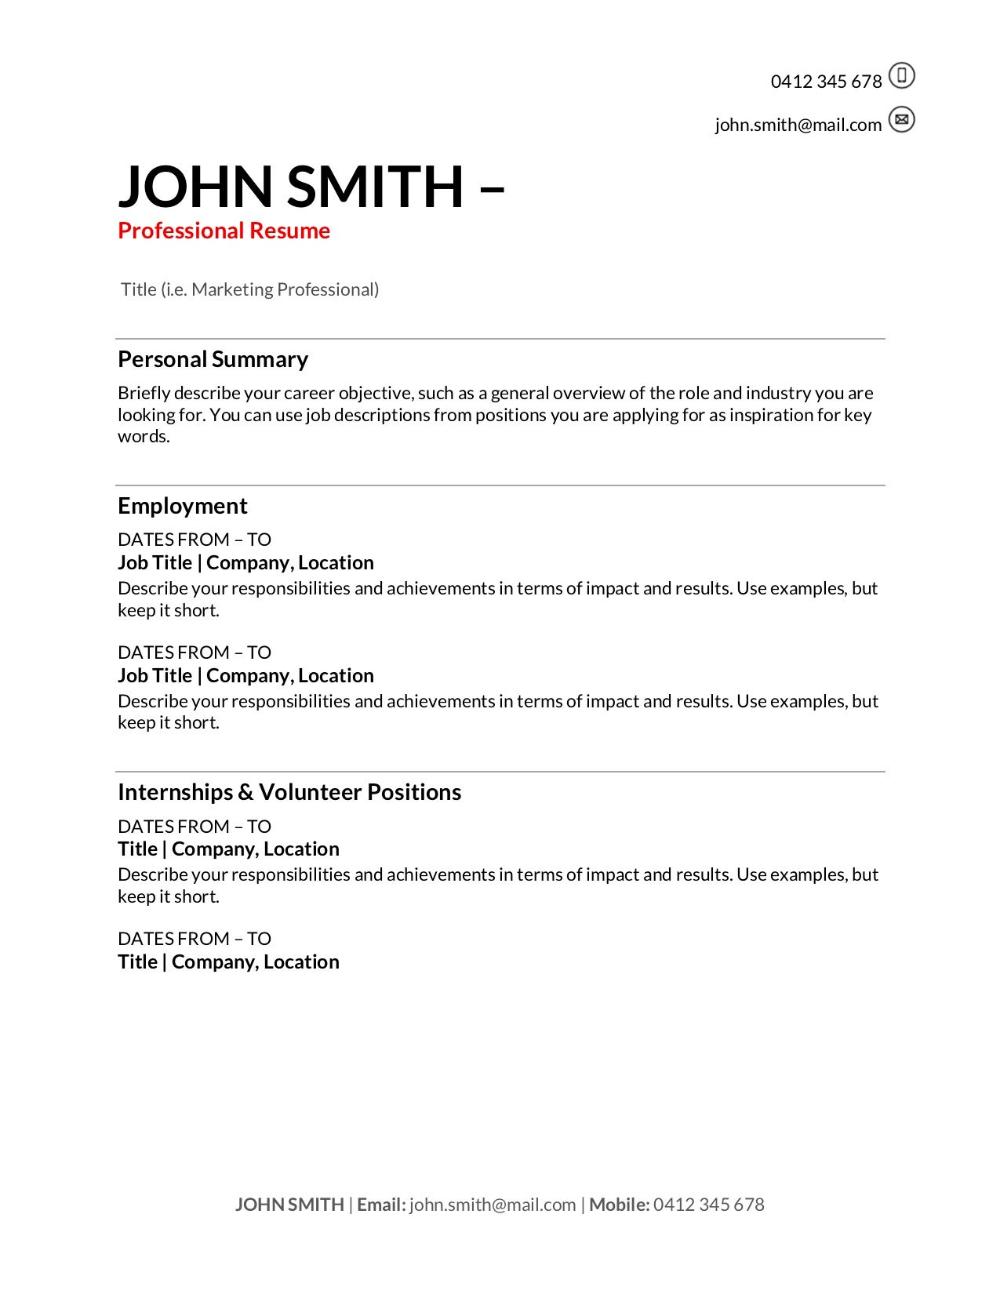 Standard Cv format In Australia in 2020 Acting resume